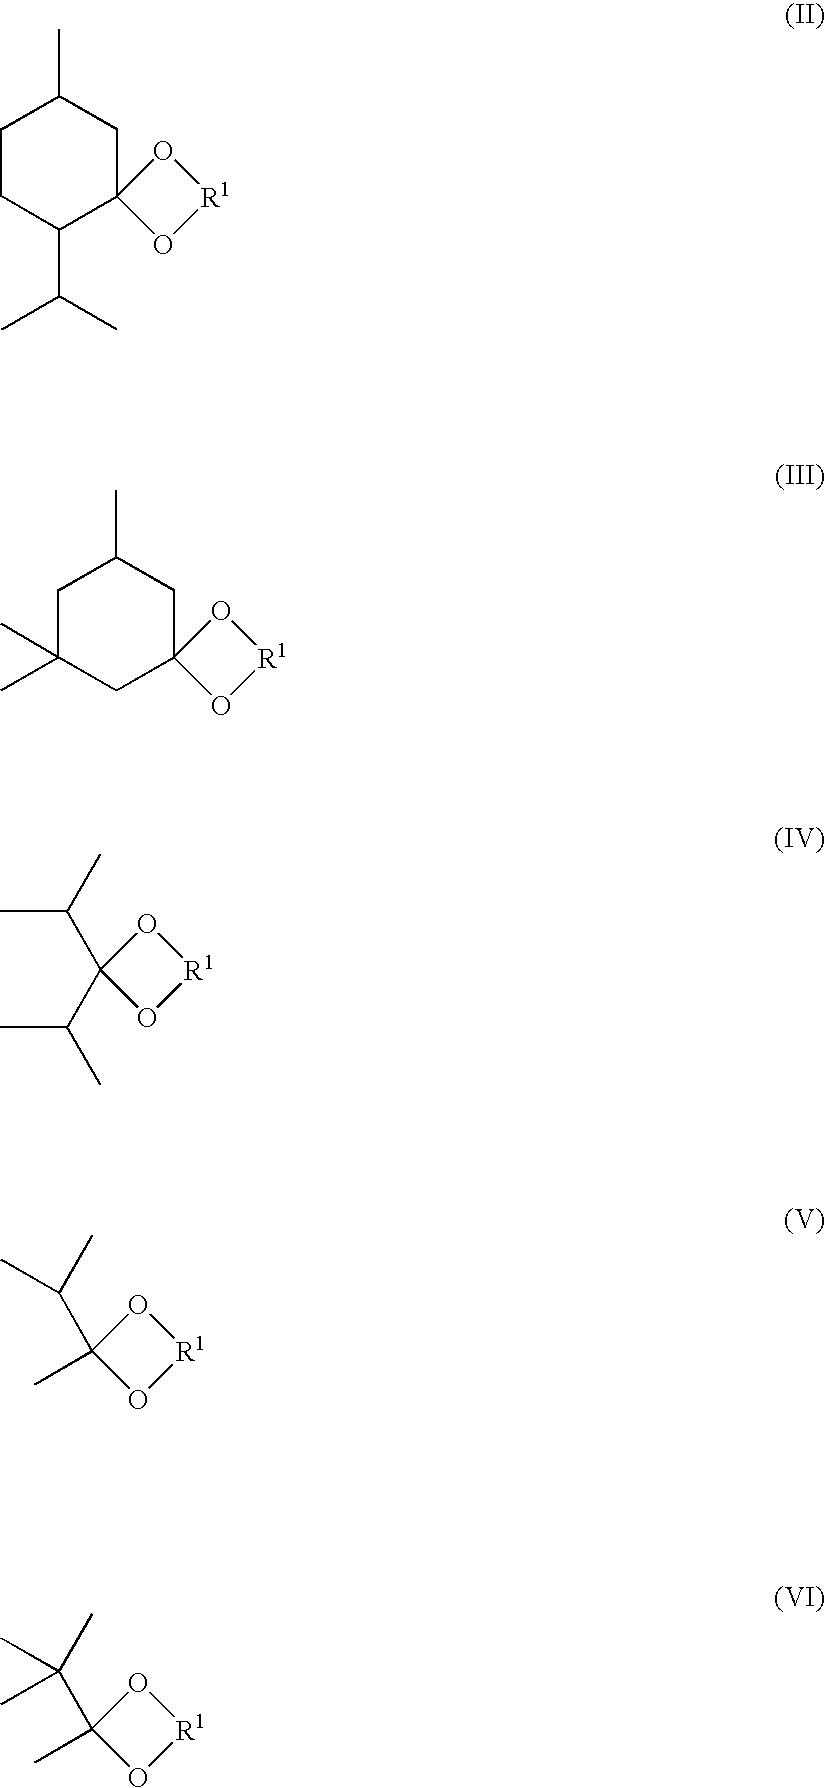 Figure US20050203473A1-20050915-C00003